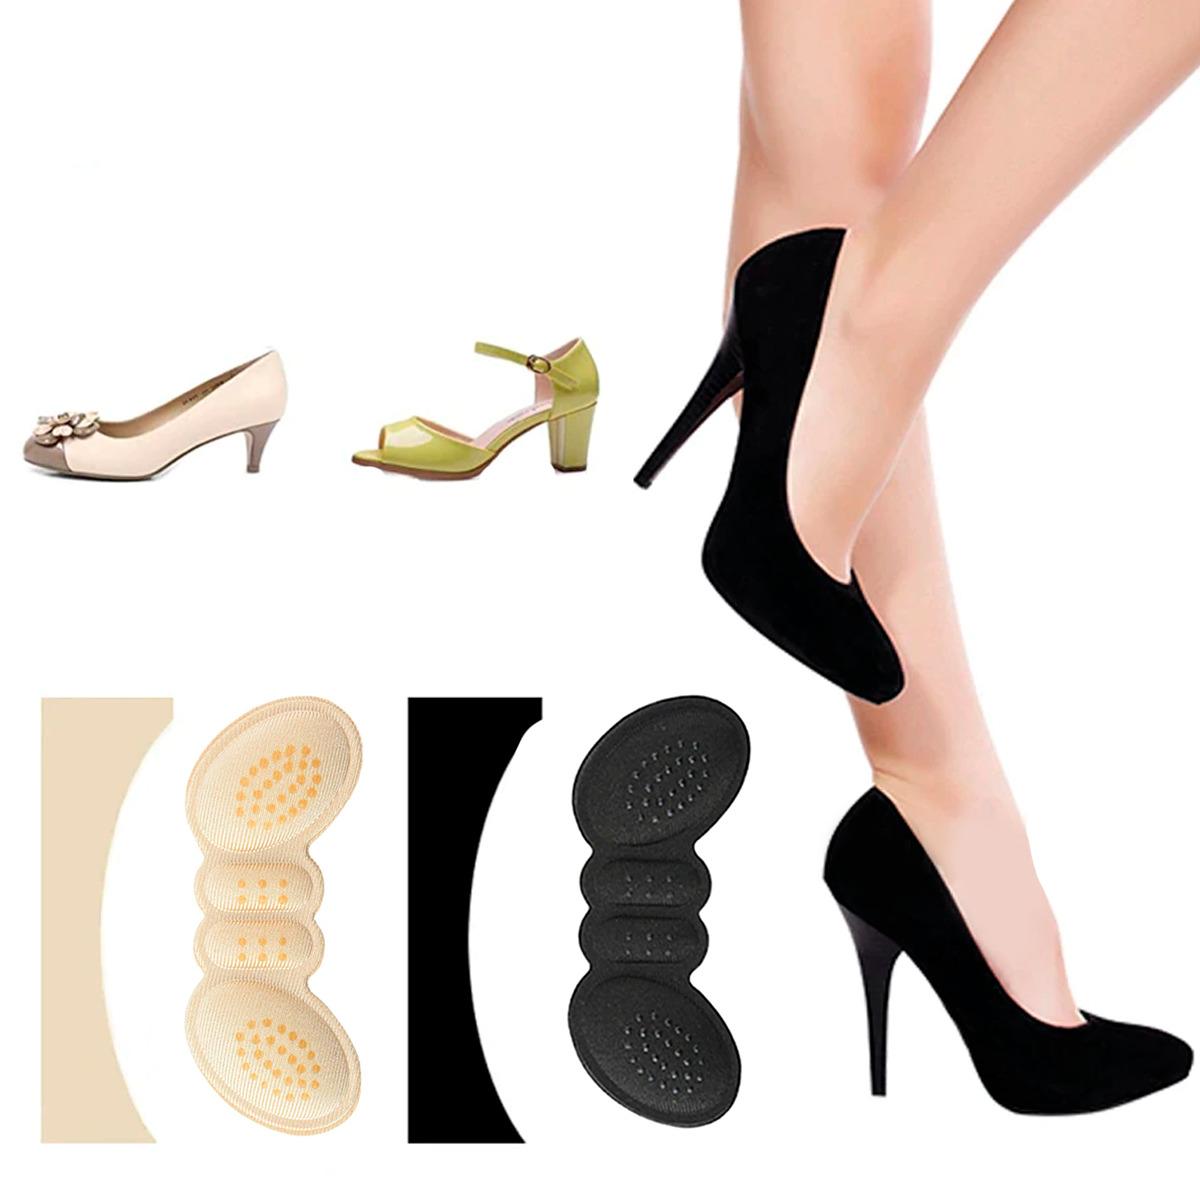 Protector De Talón Para Zapatos Adhesivo Unisex